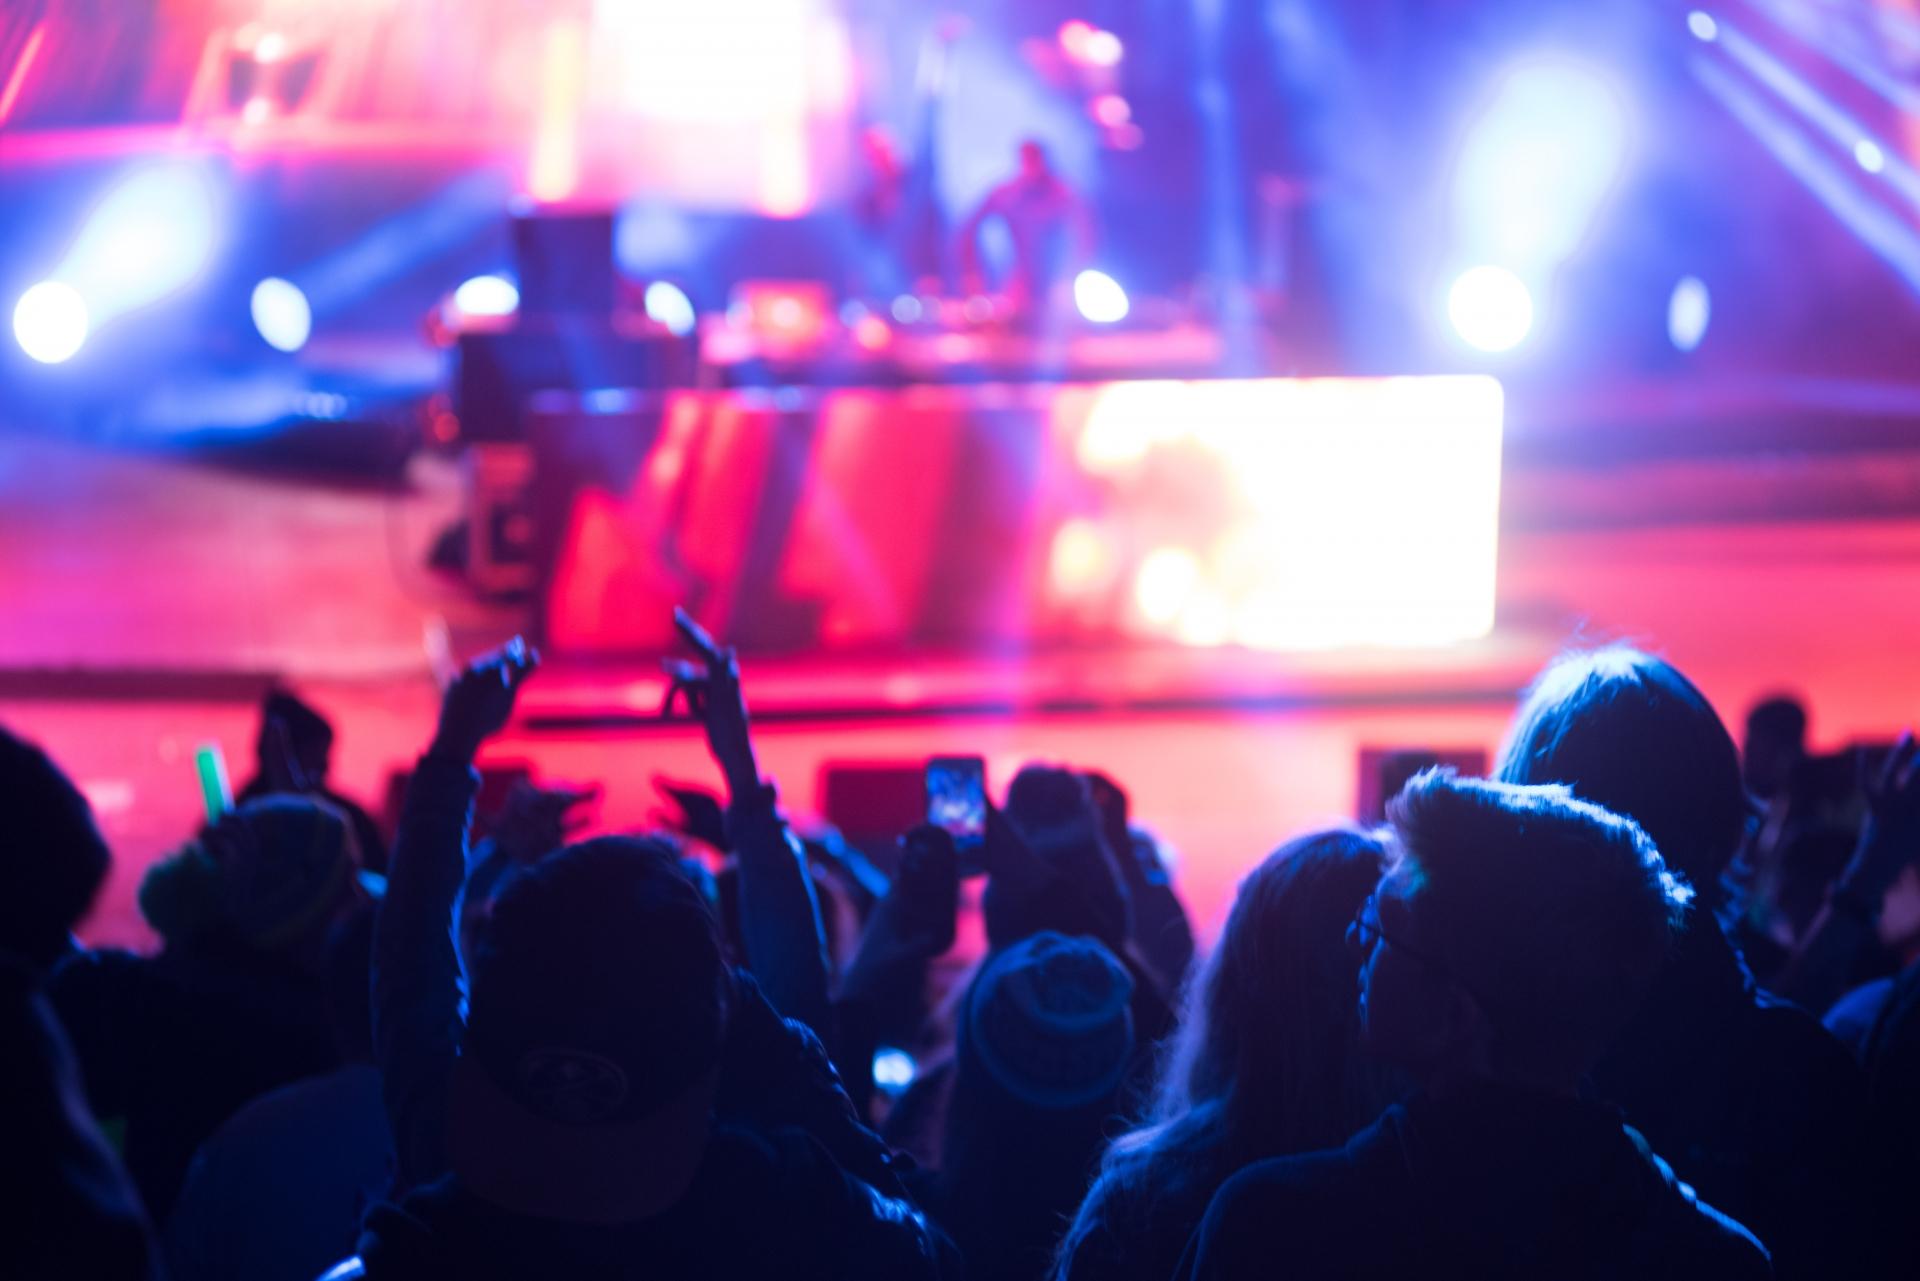 中丸の9年ぶりソロライブ決定!チケット・公演情報や公演内容の詳細 画像